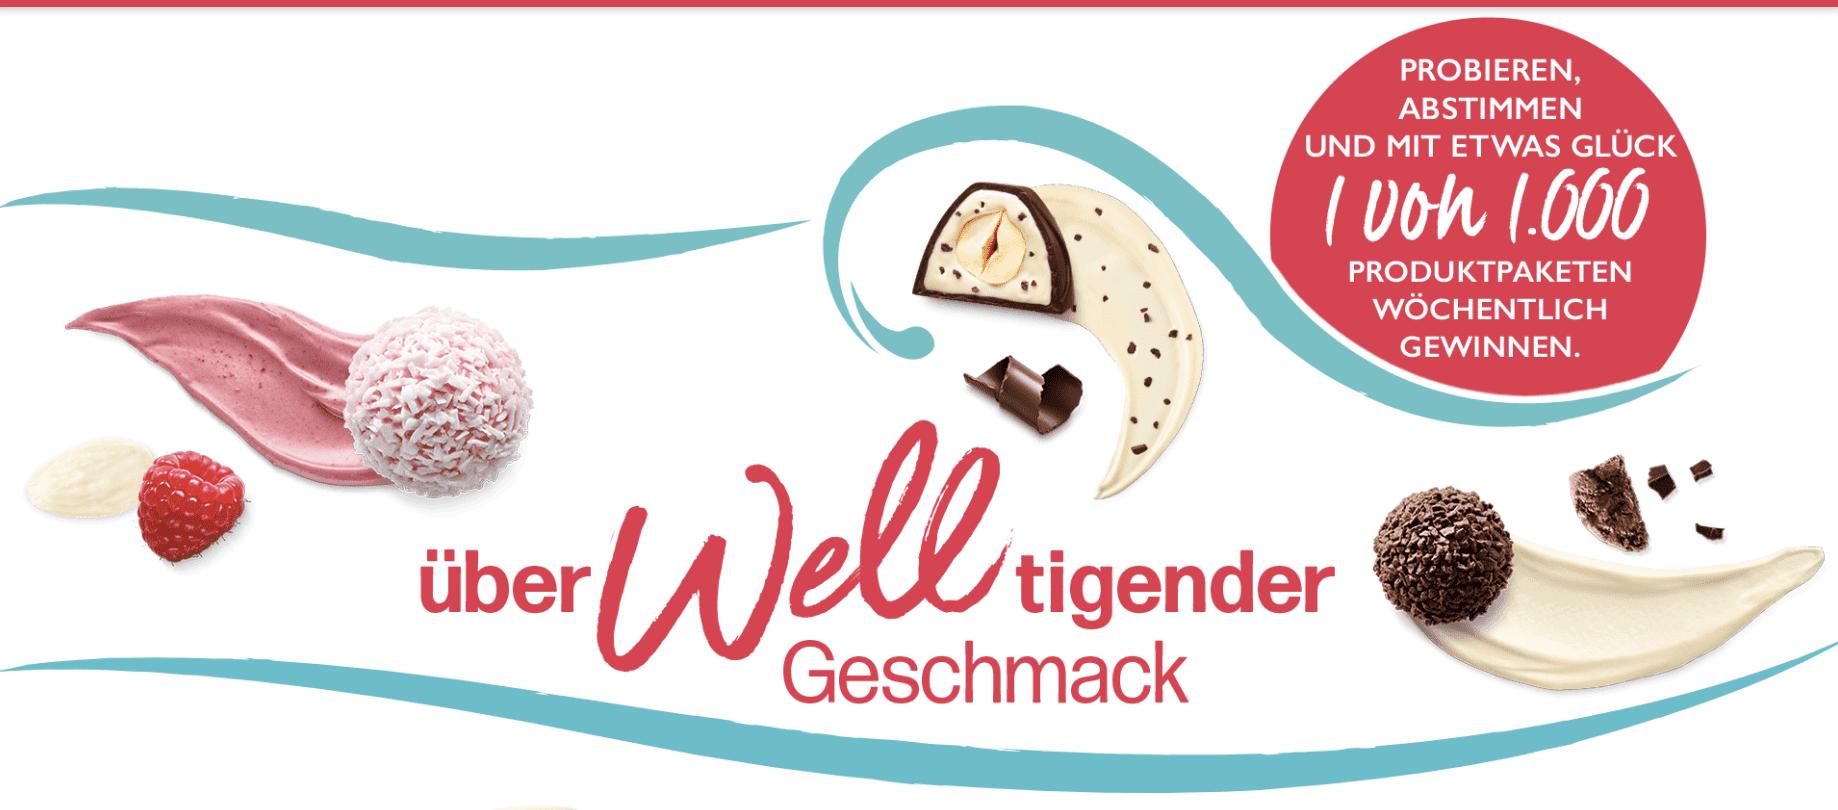 Gewinnspiel-Cases FMCG Süßwaren & Snacks Ferrero Sommer